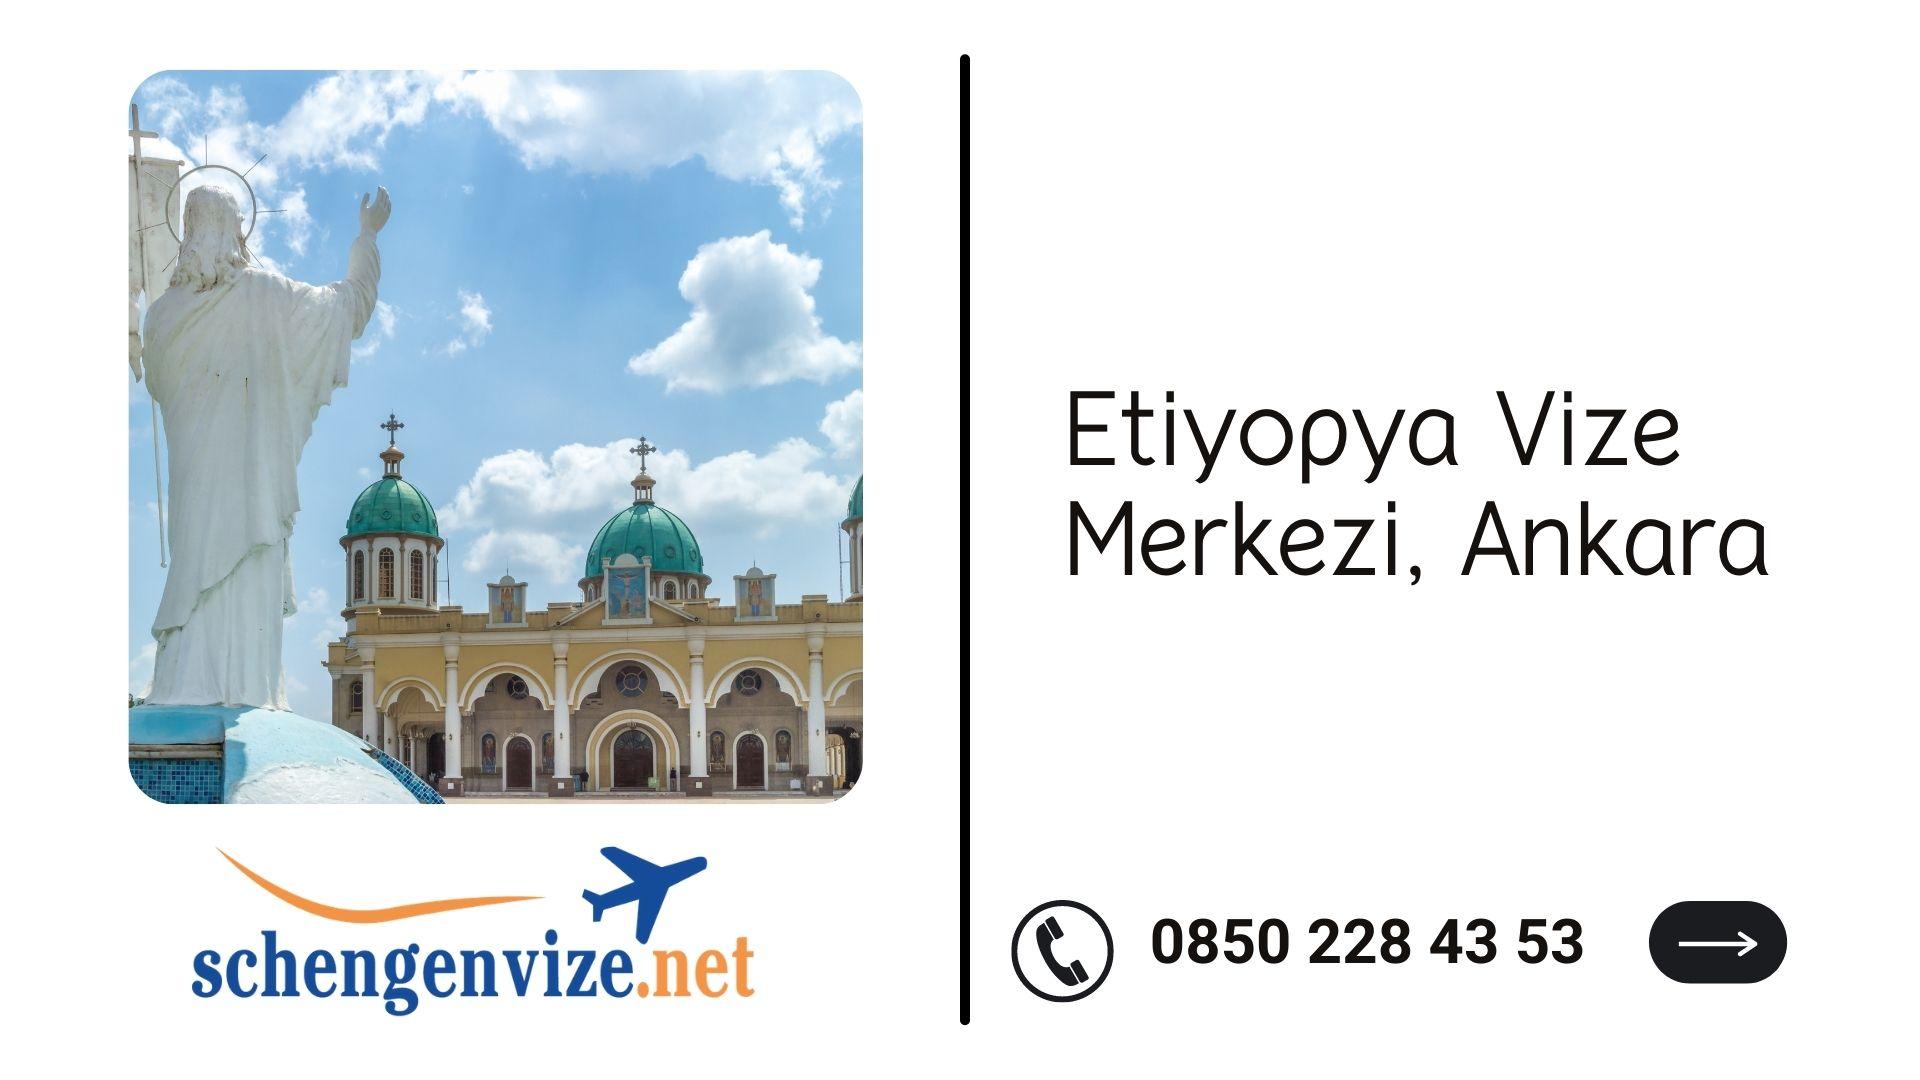 Etiyopya Vize Merkezi, Ankara